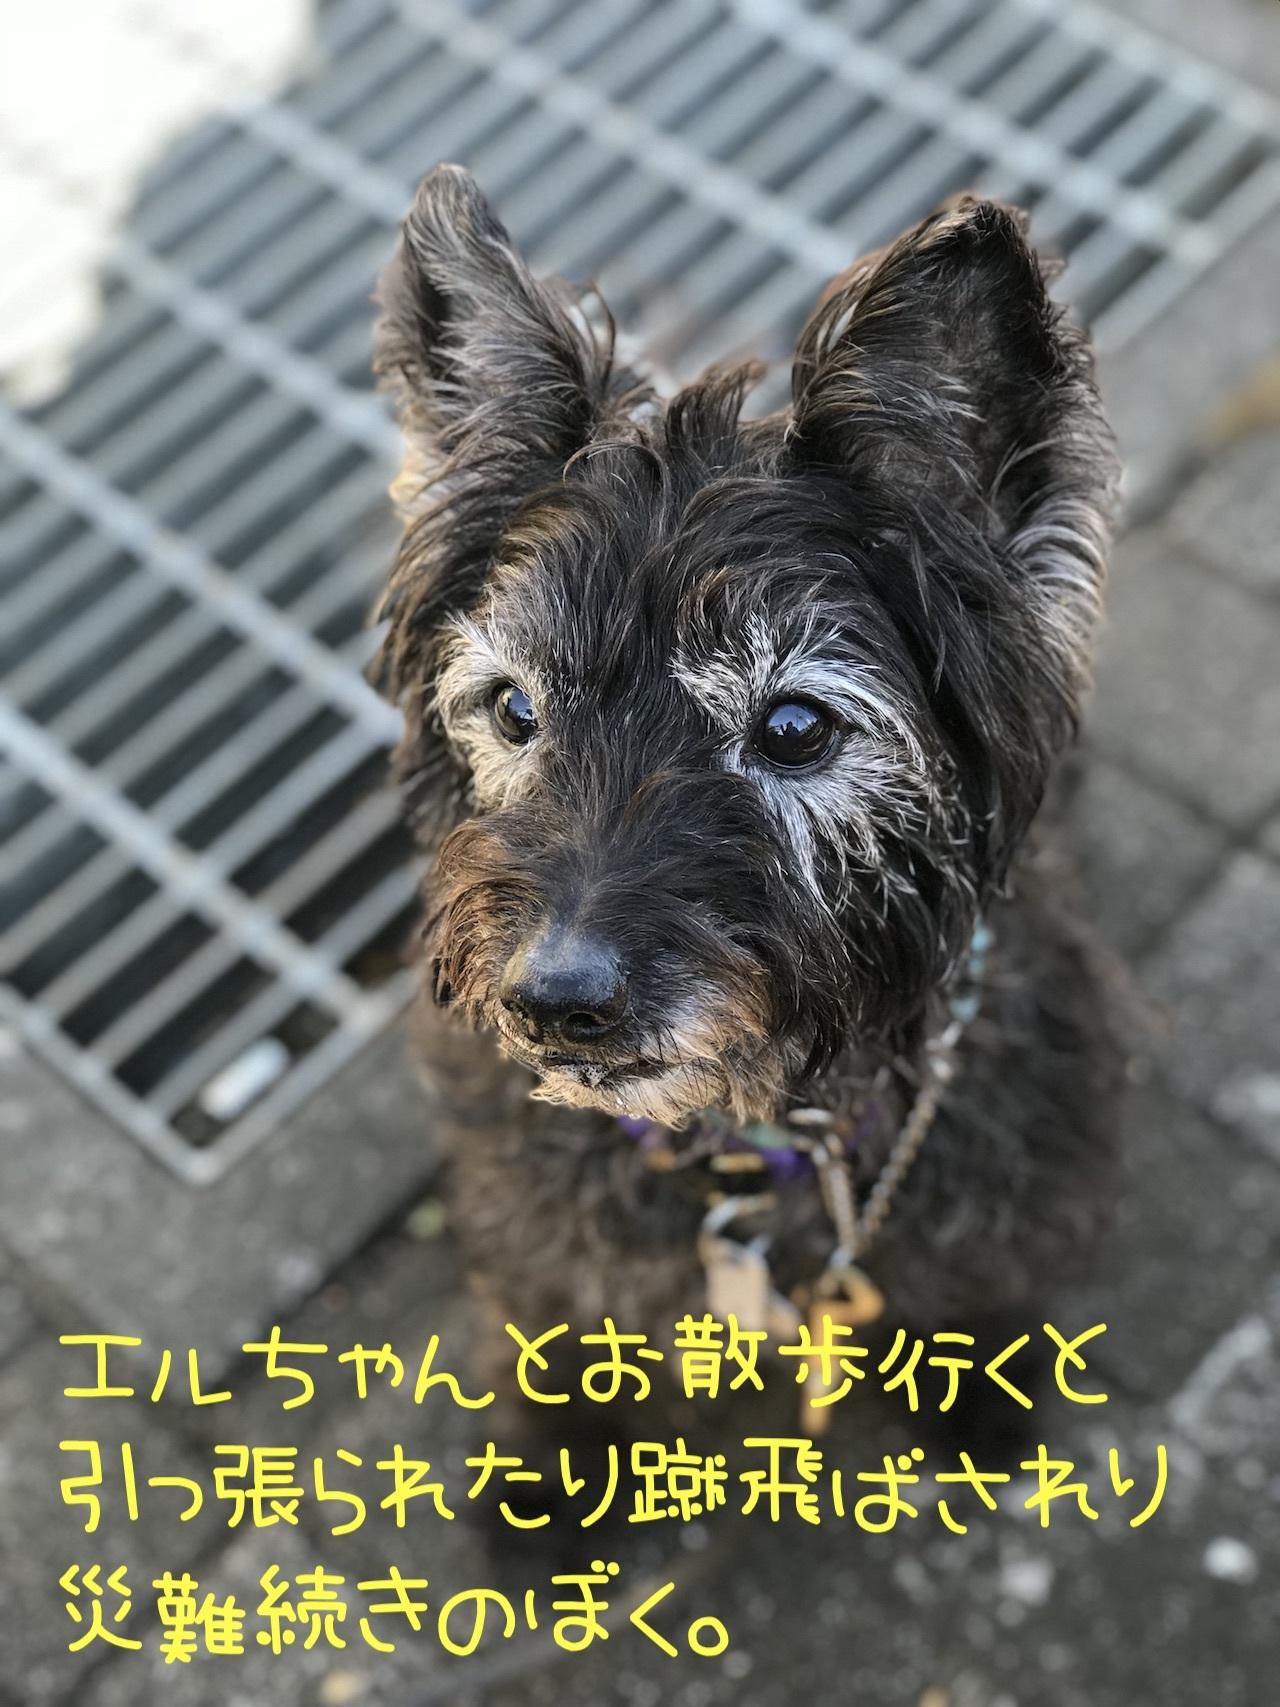 2018-02-06_09-31-27_954.jpg